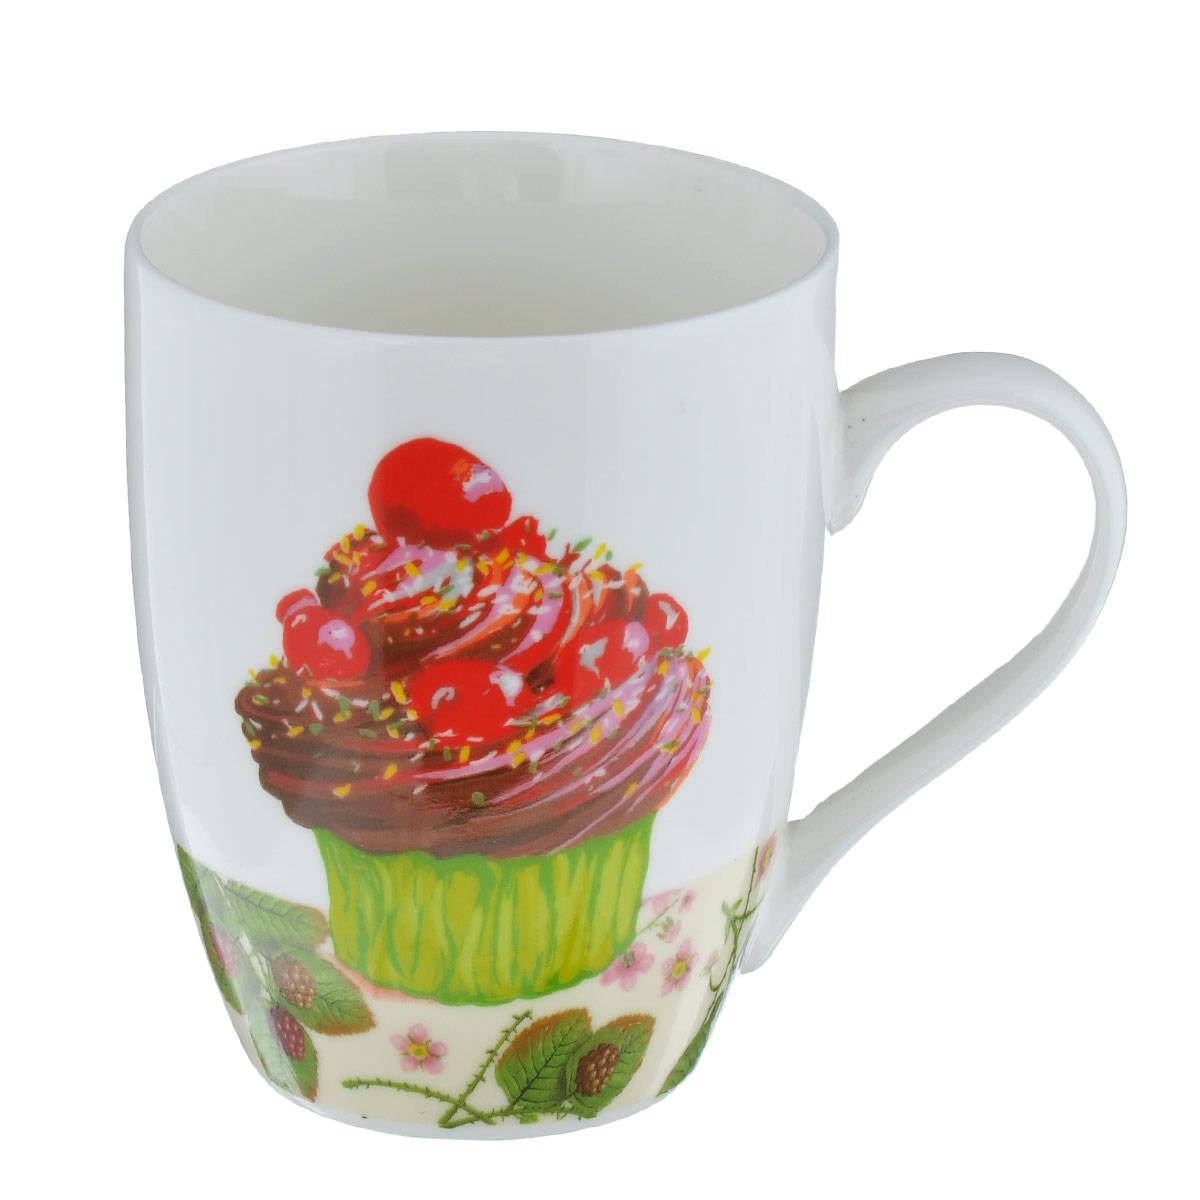 Кружка Ягодный десерт, цвет: белый, 335 млLQB09-H01 белаяКружка Ягодный десерт изготовлена из высококачественного фарфора, покрытого слоем сверкающей глазури. Внешние стенки изделия оформлены красочным изображением пирожного с ягодами. Такая кружка прекрасно подойдет для горячих и холодных напитков. Она дополнит коллекцию вашей кухонной посуды и будет служить долгие годы. Можно использовать в посудомоечной машине и СВЧ. Объем кружки: 335 мл. Диаметр кружки (по верхнему краю): 8 см. Высота стенки кружки: 10,5 см.